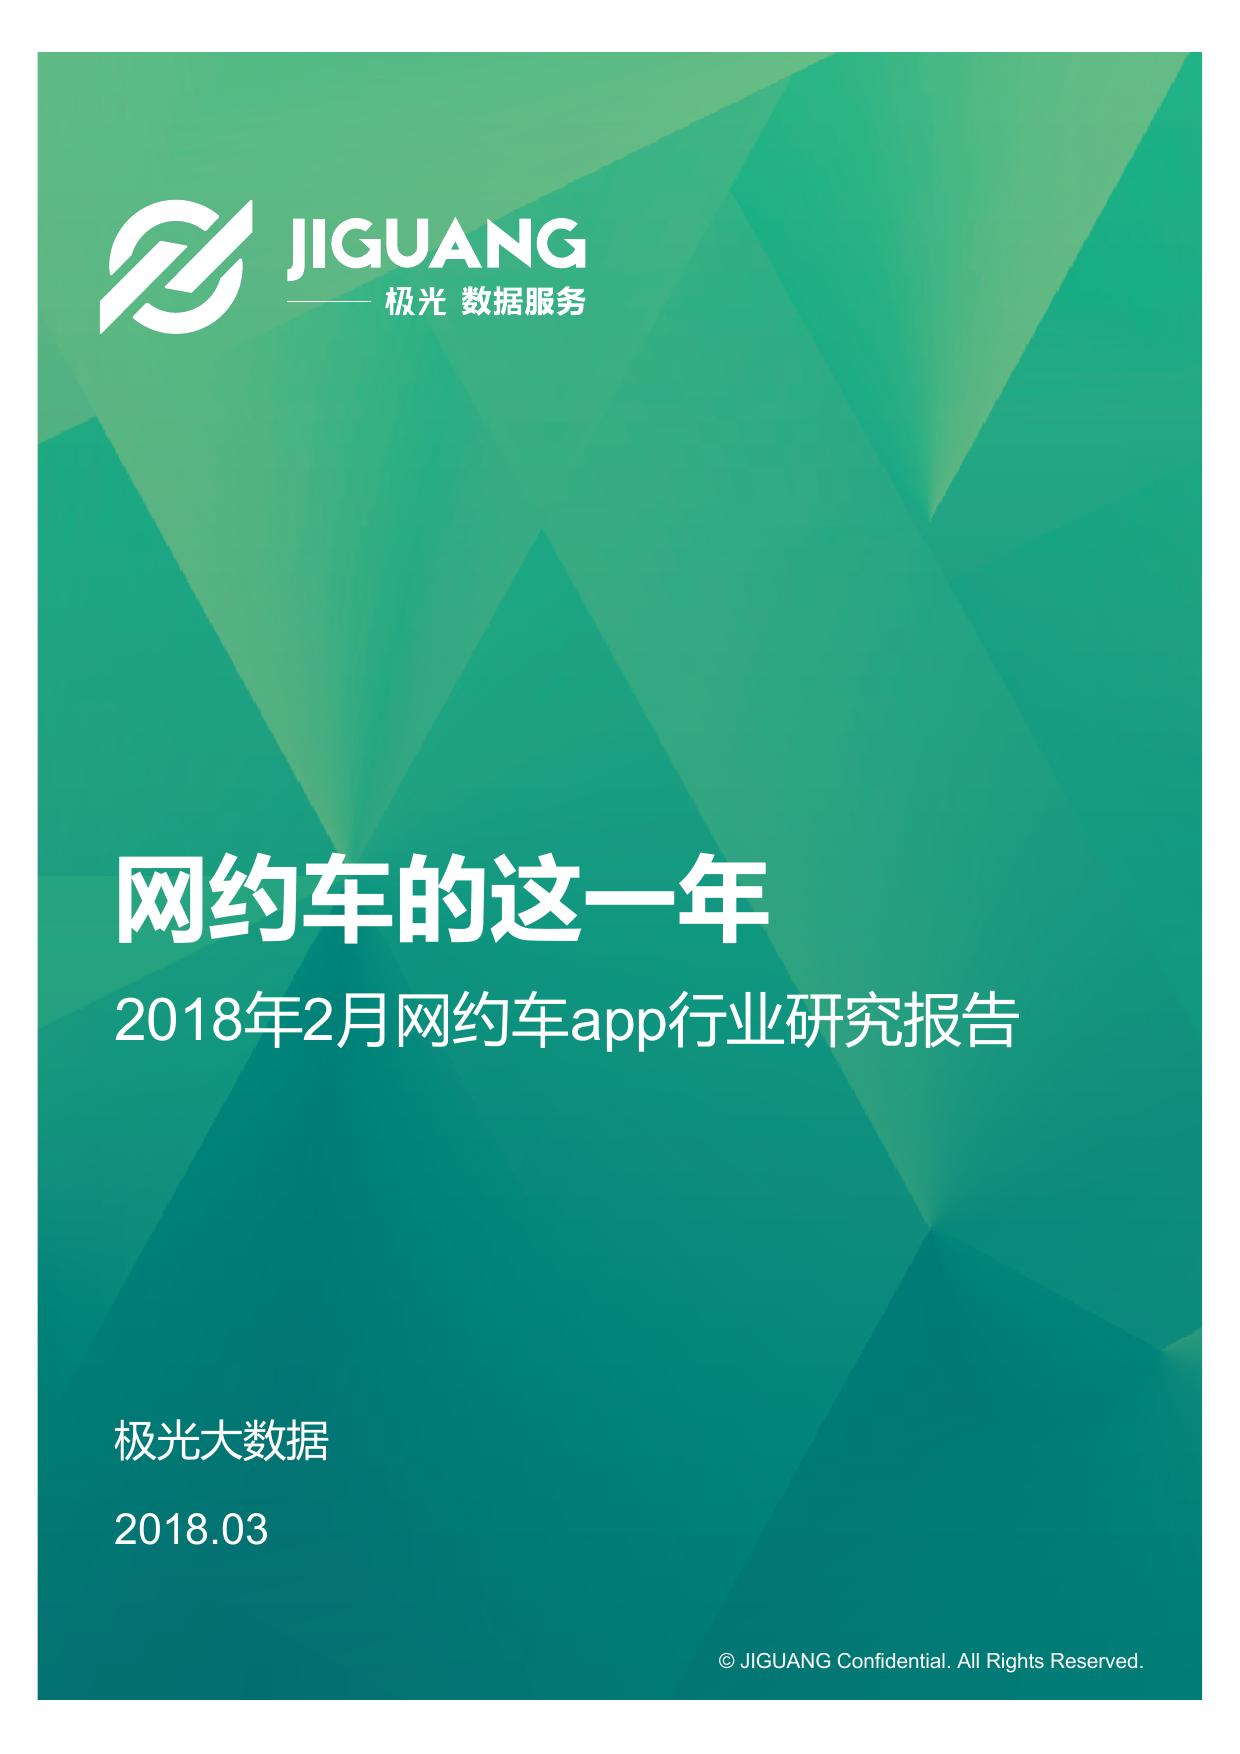 极光大数据:2018年2月网约车app研究报告(附下载)